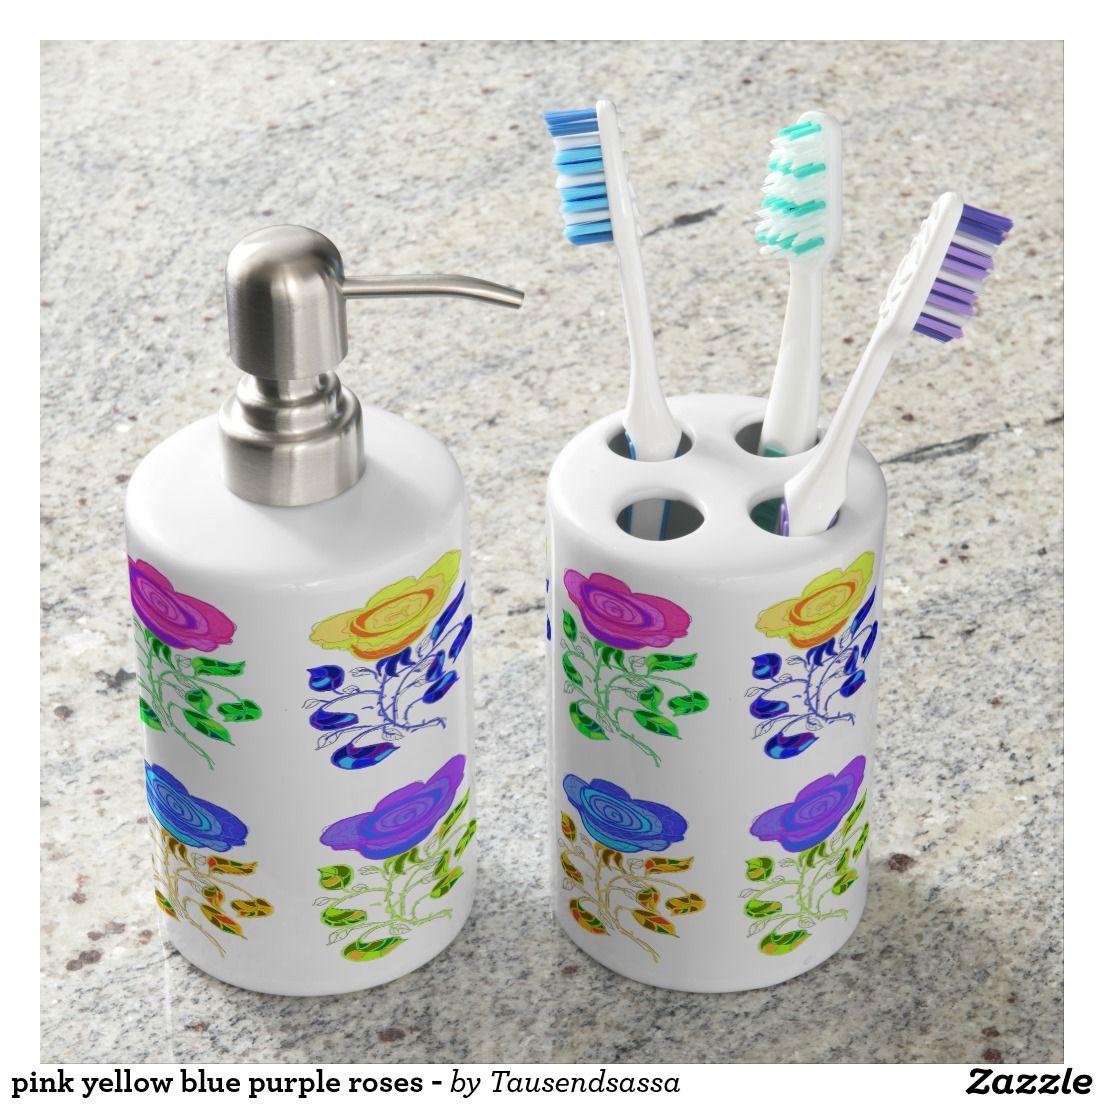 17 Best Ideas About Badezimmer Set On Pinterest | Badezimmer ... Klassische Badmobel Sanitar Devon